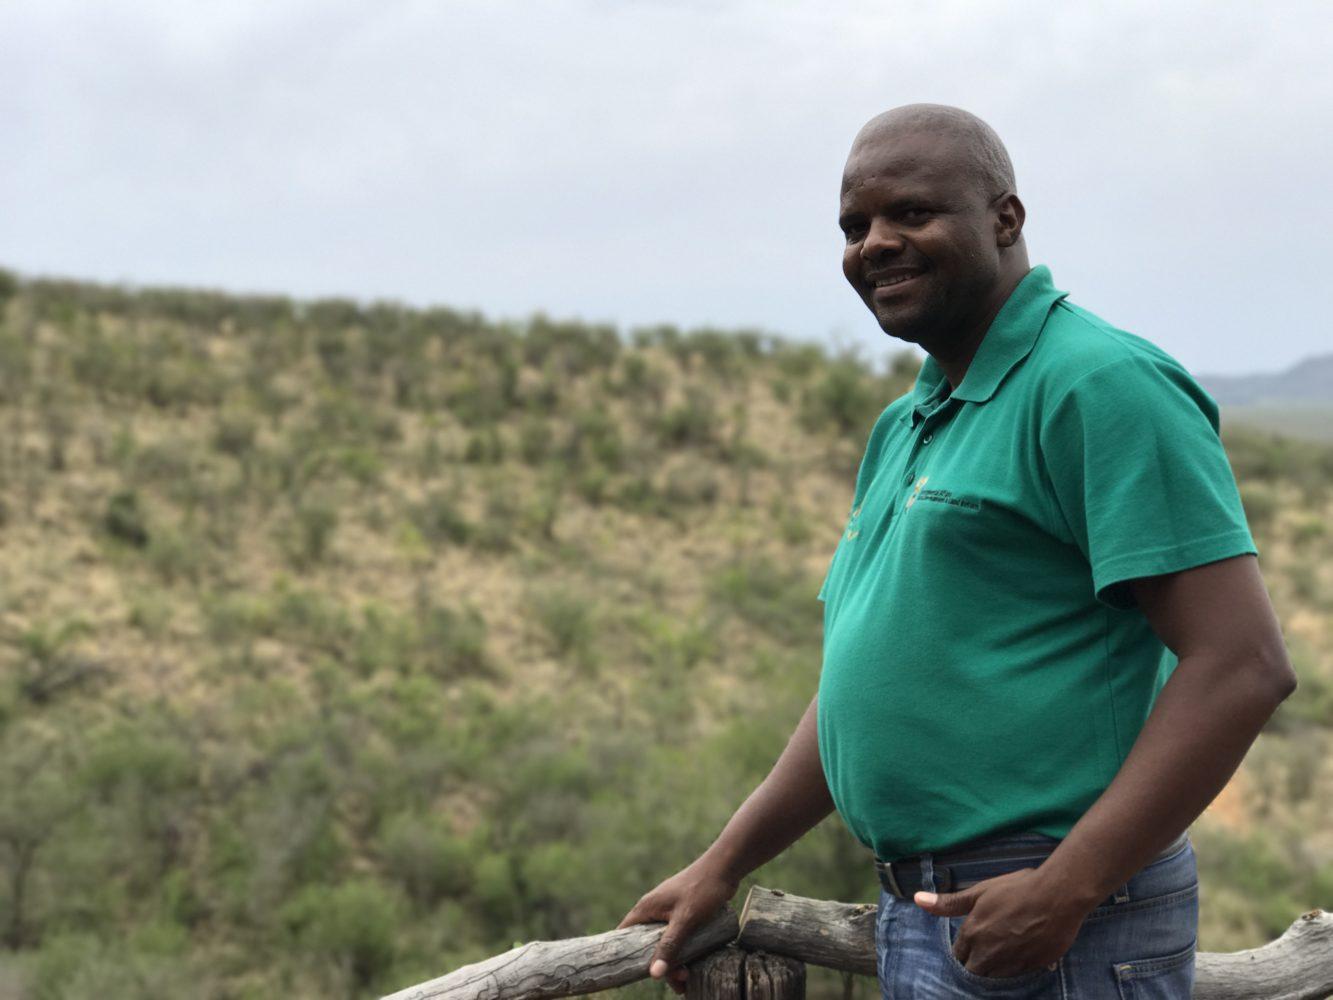 Reserve Manager Moremi Keabetswe / Bild: Yvonne Beck